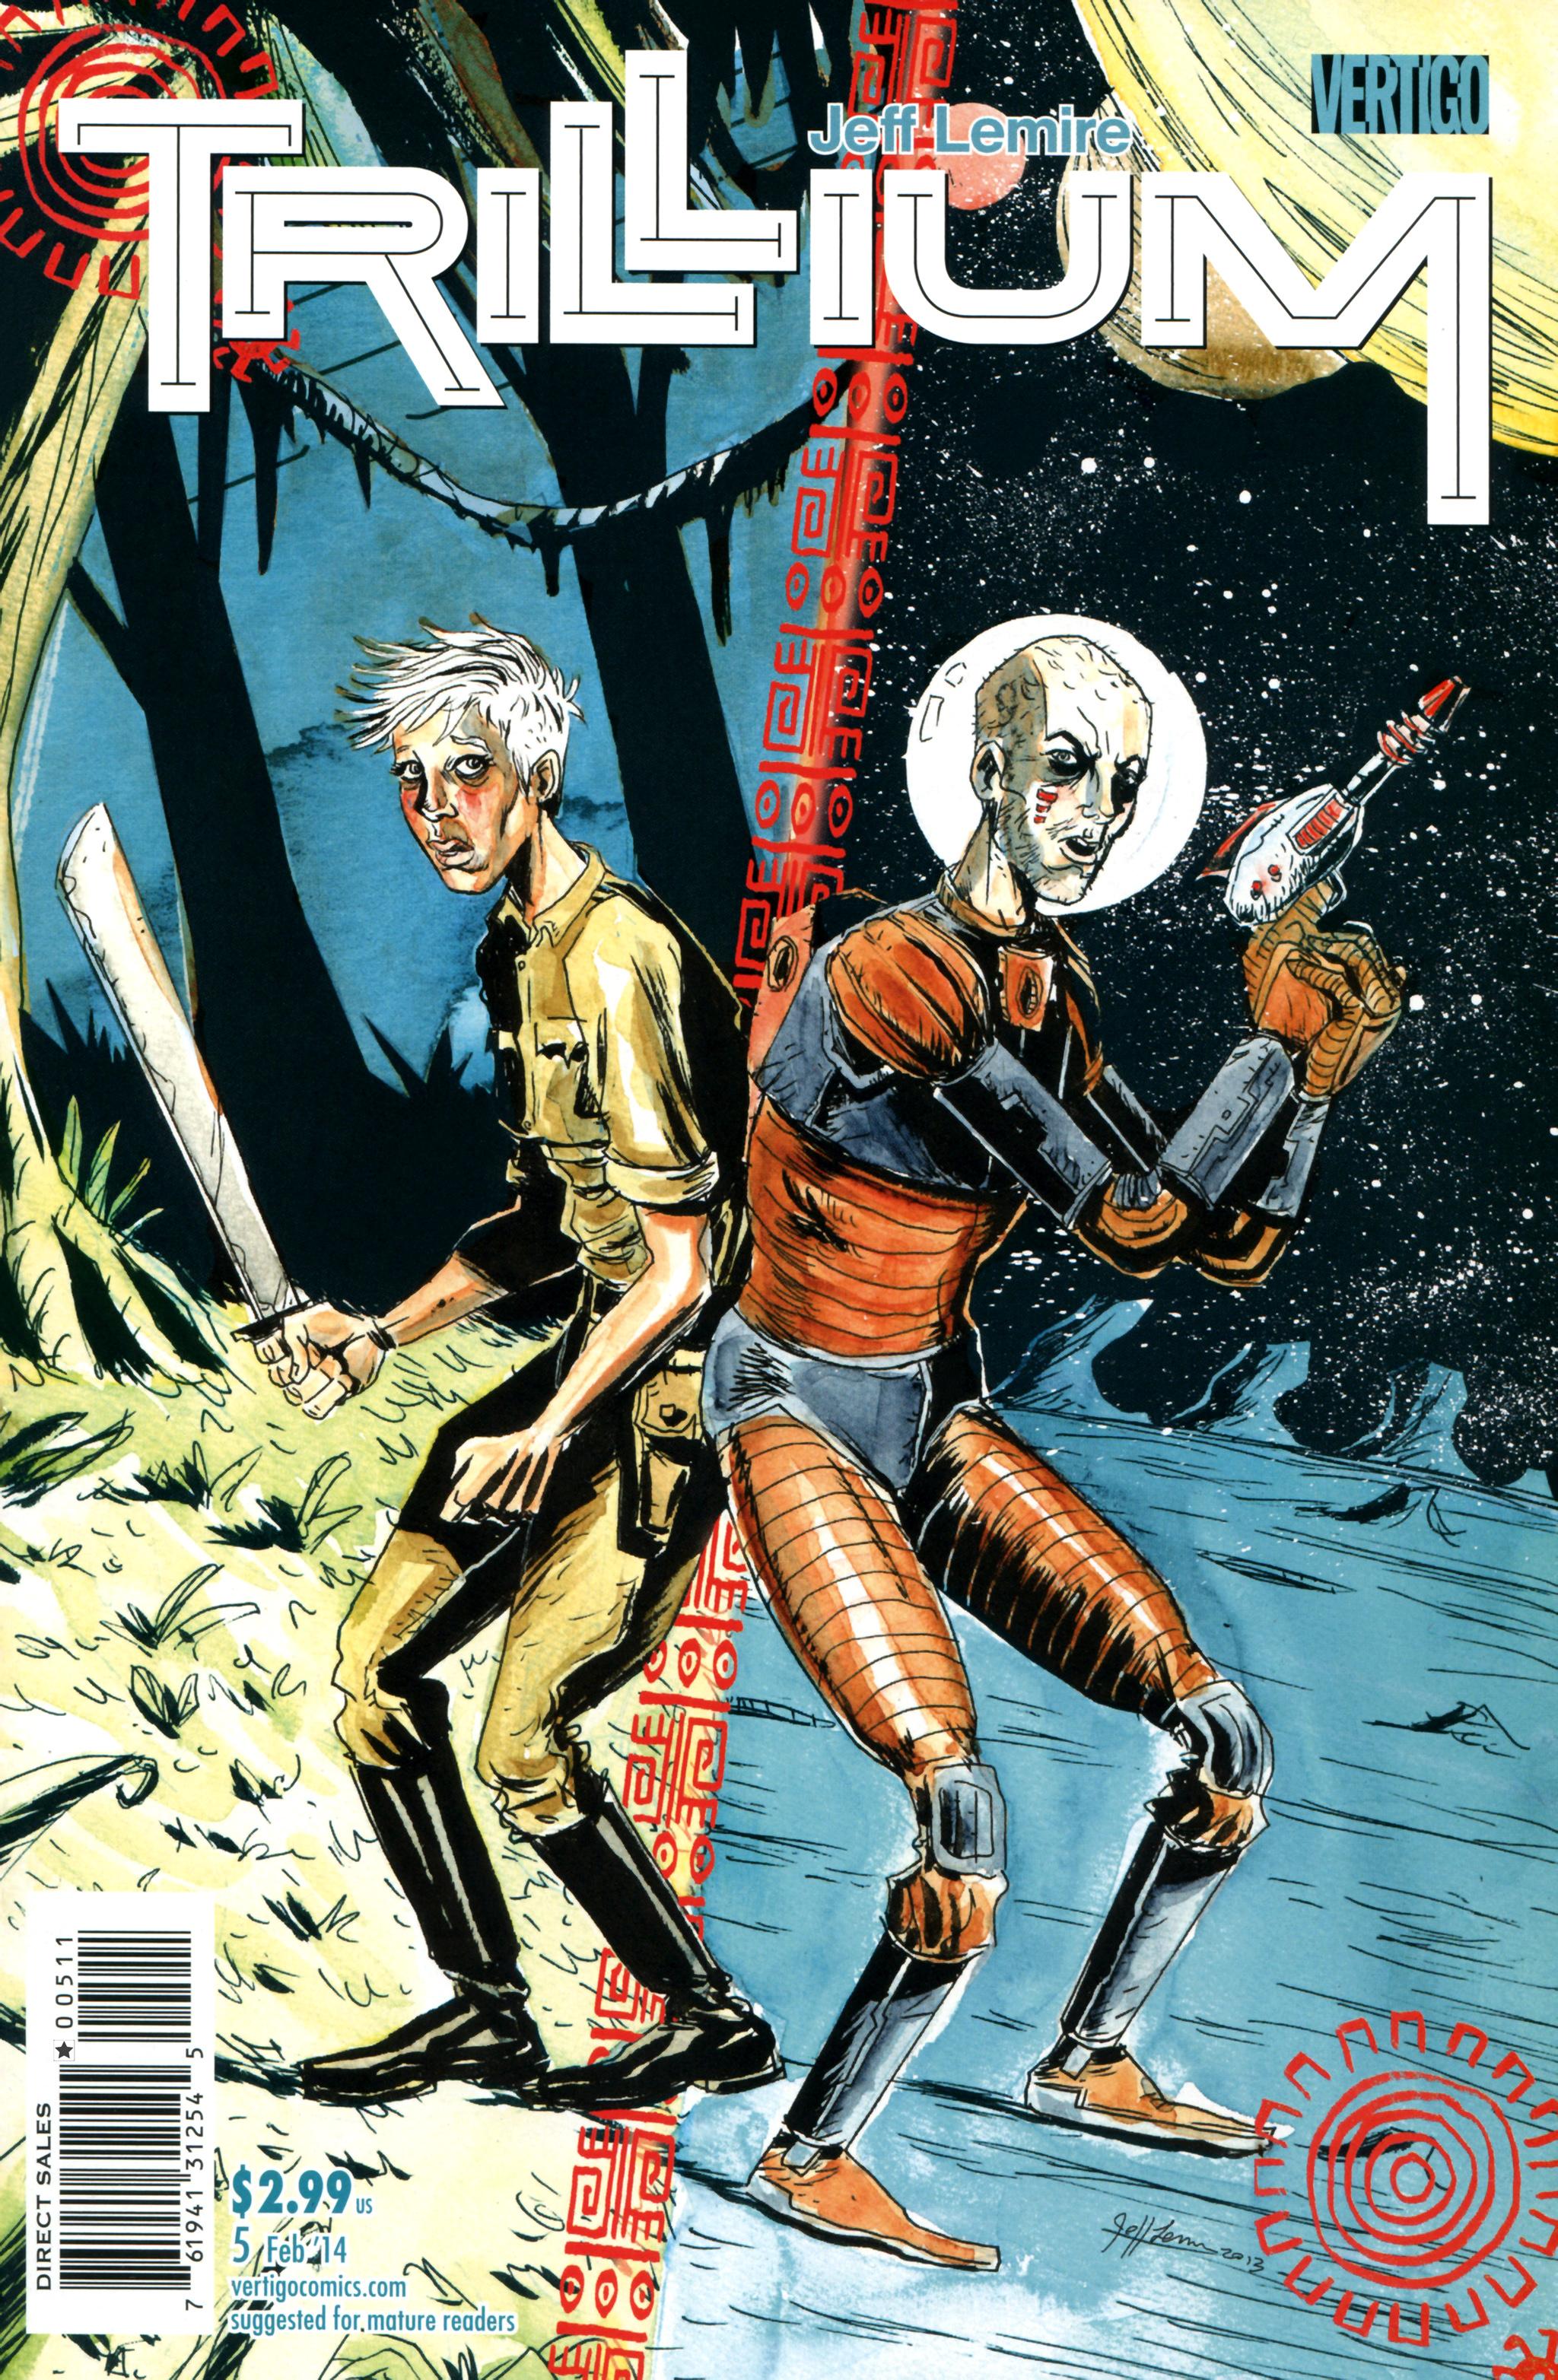 Read online Trillium comic -  Issue #5 - 1